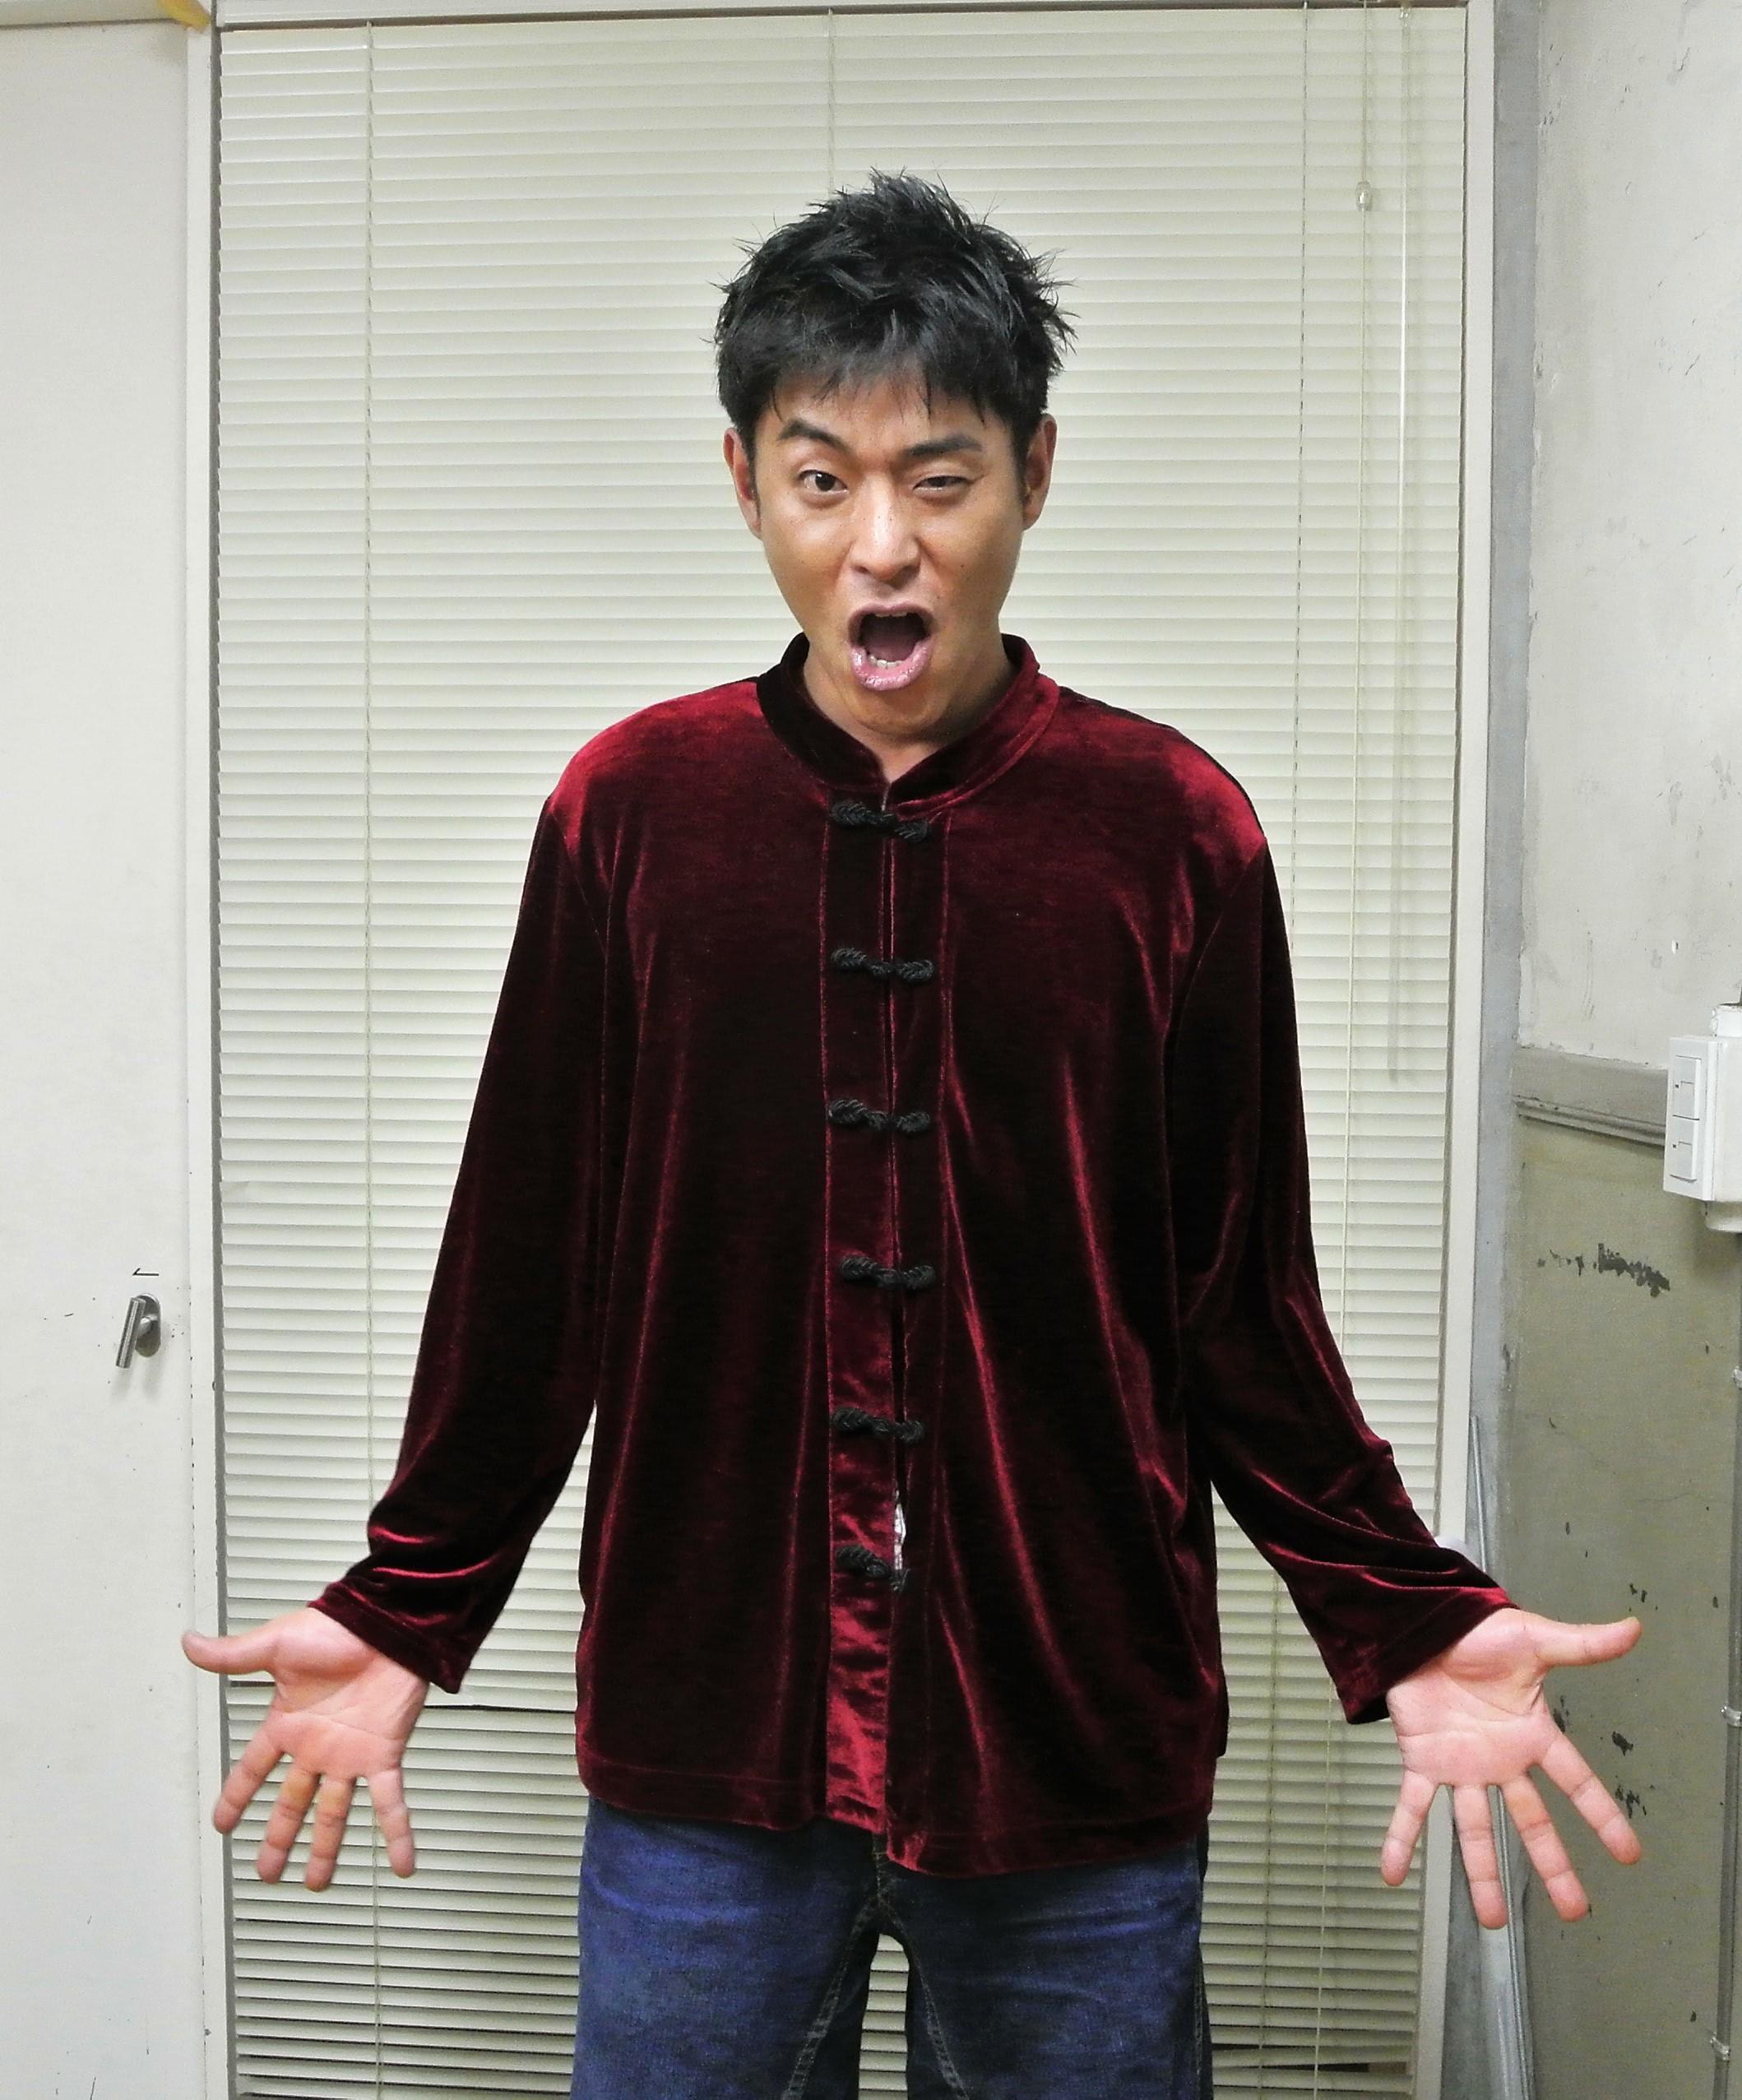 http://news.yoshimoto.co.jp/20171124175240-3e5f967377bcb94309ffb733292606d7cb55a529.jpg